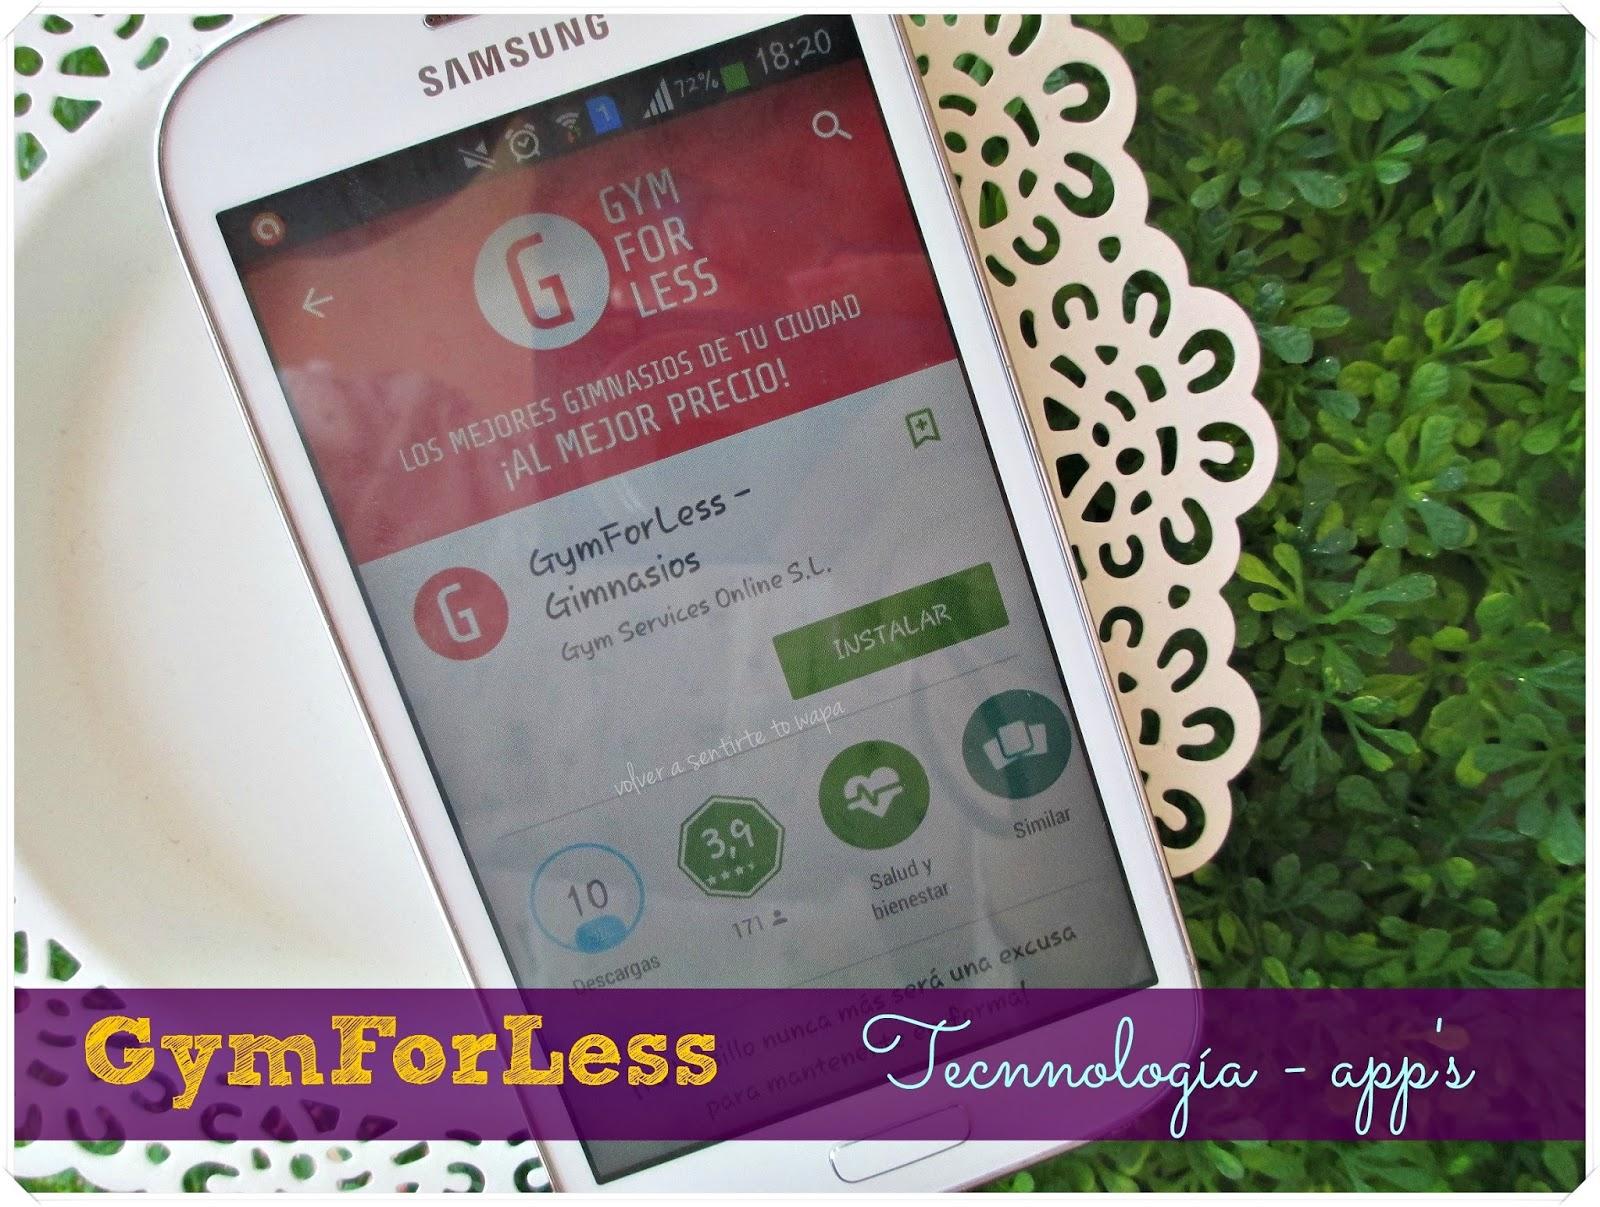 GymForLess, la app para planificar tu ejercicio en el gimnasio